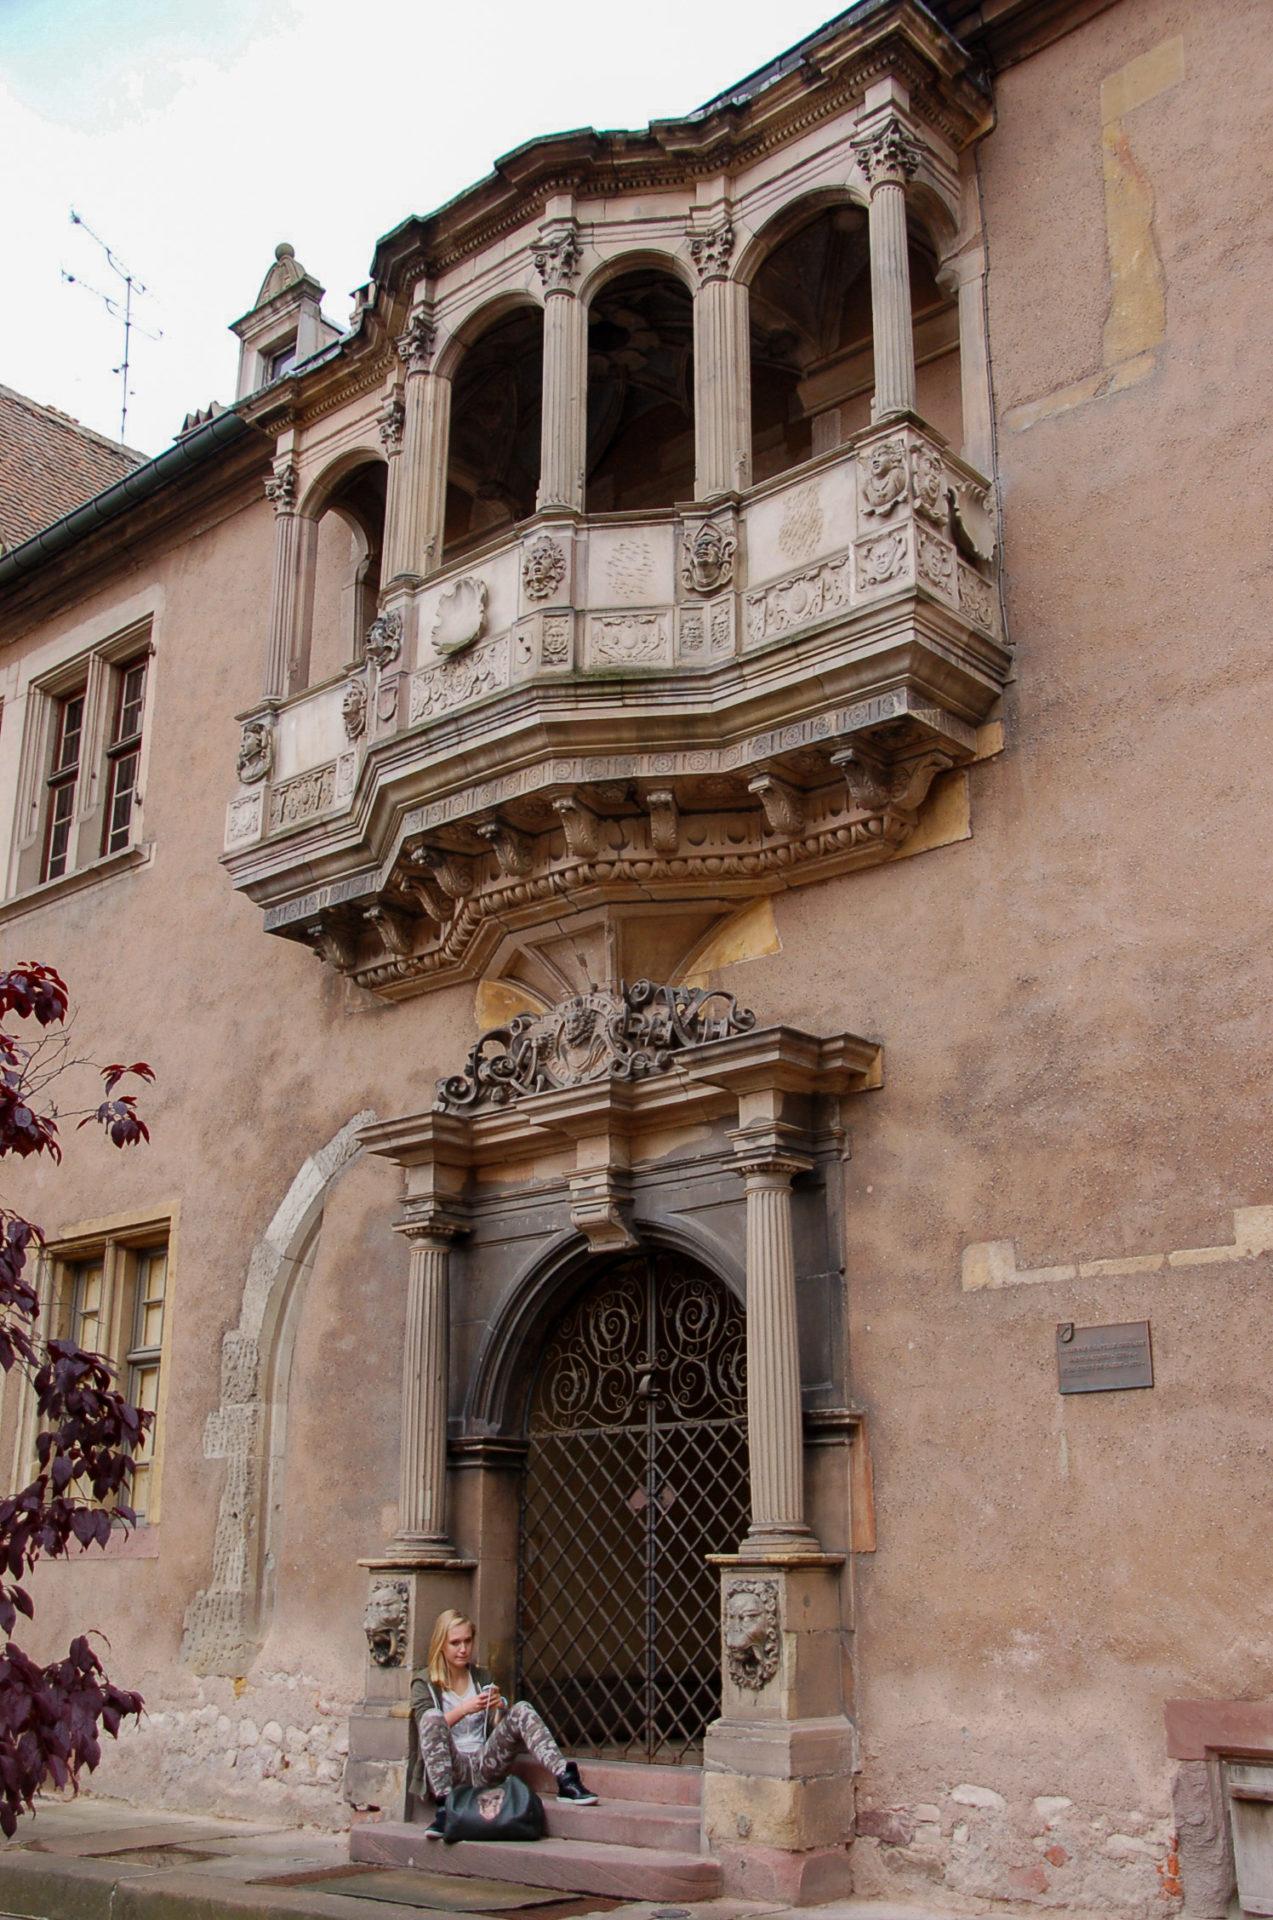 Szene wie aus Romeo und Julia vor Haus mit Balkon in Colmar